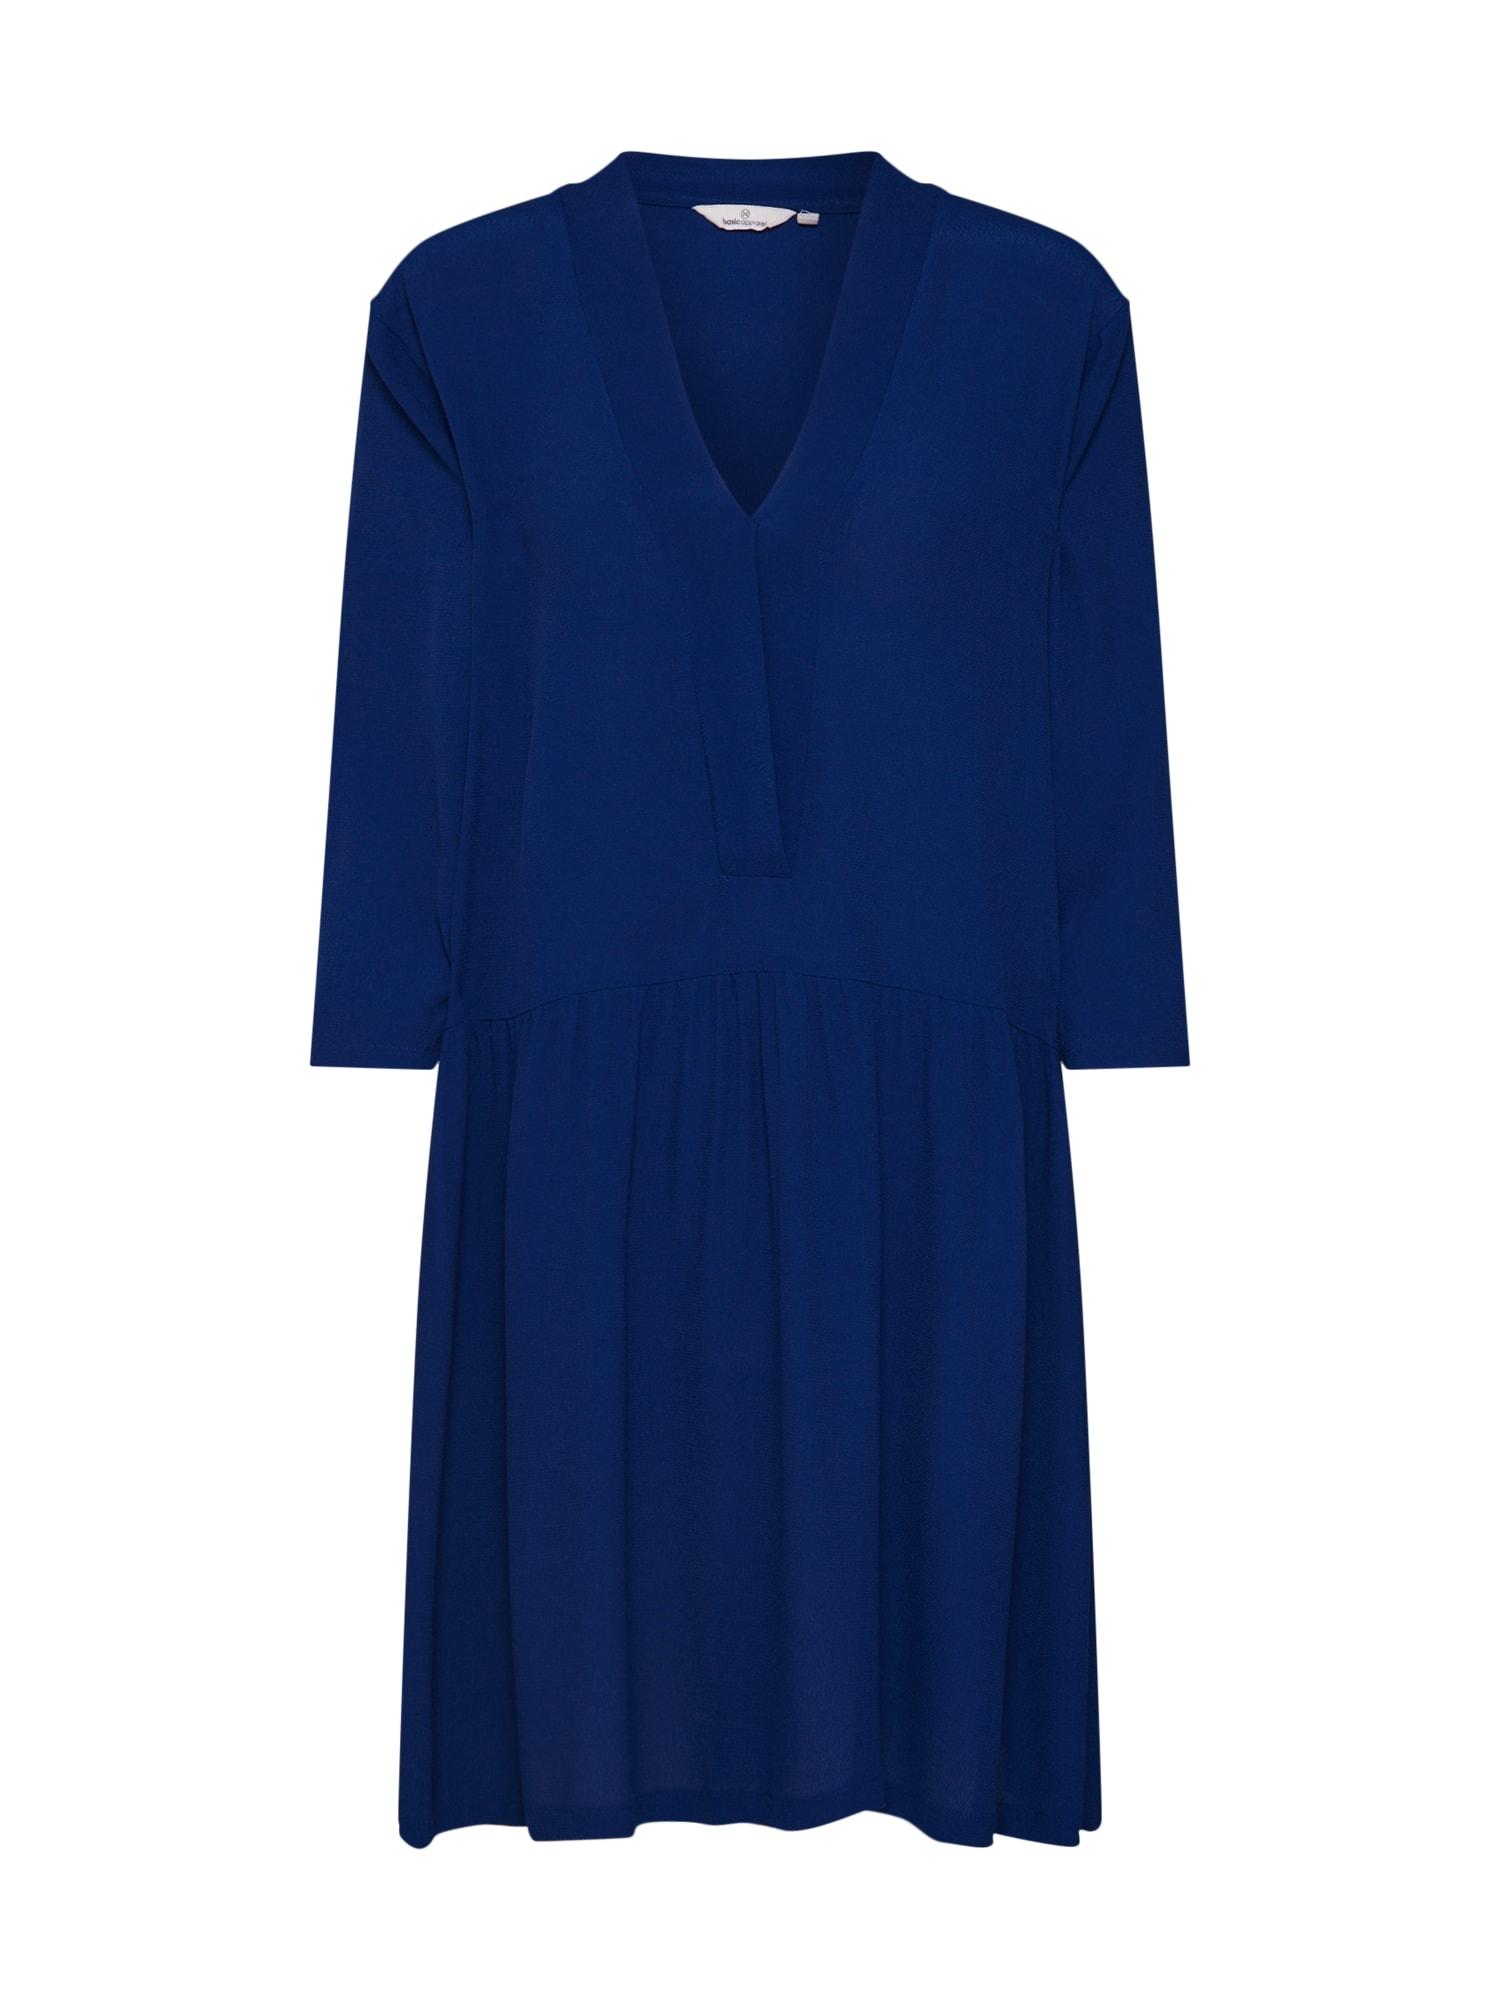 Šaty Tyra námořnická modř Basic Apparel